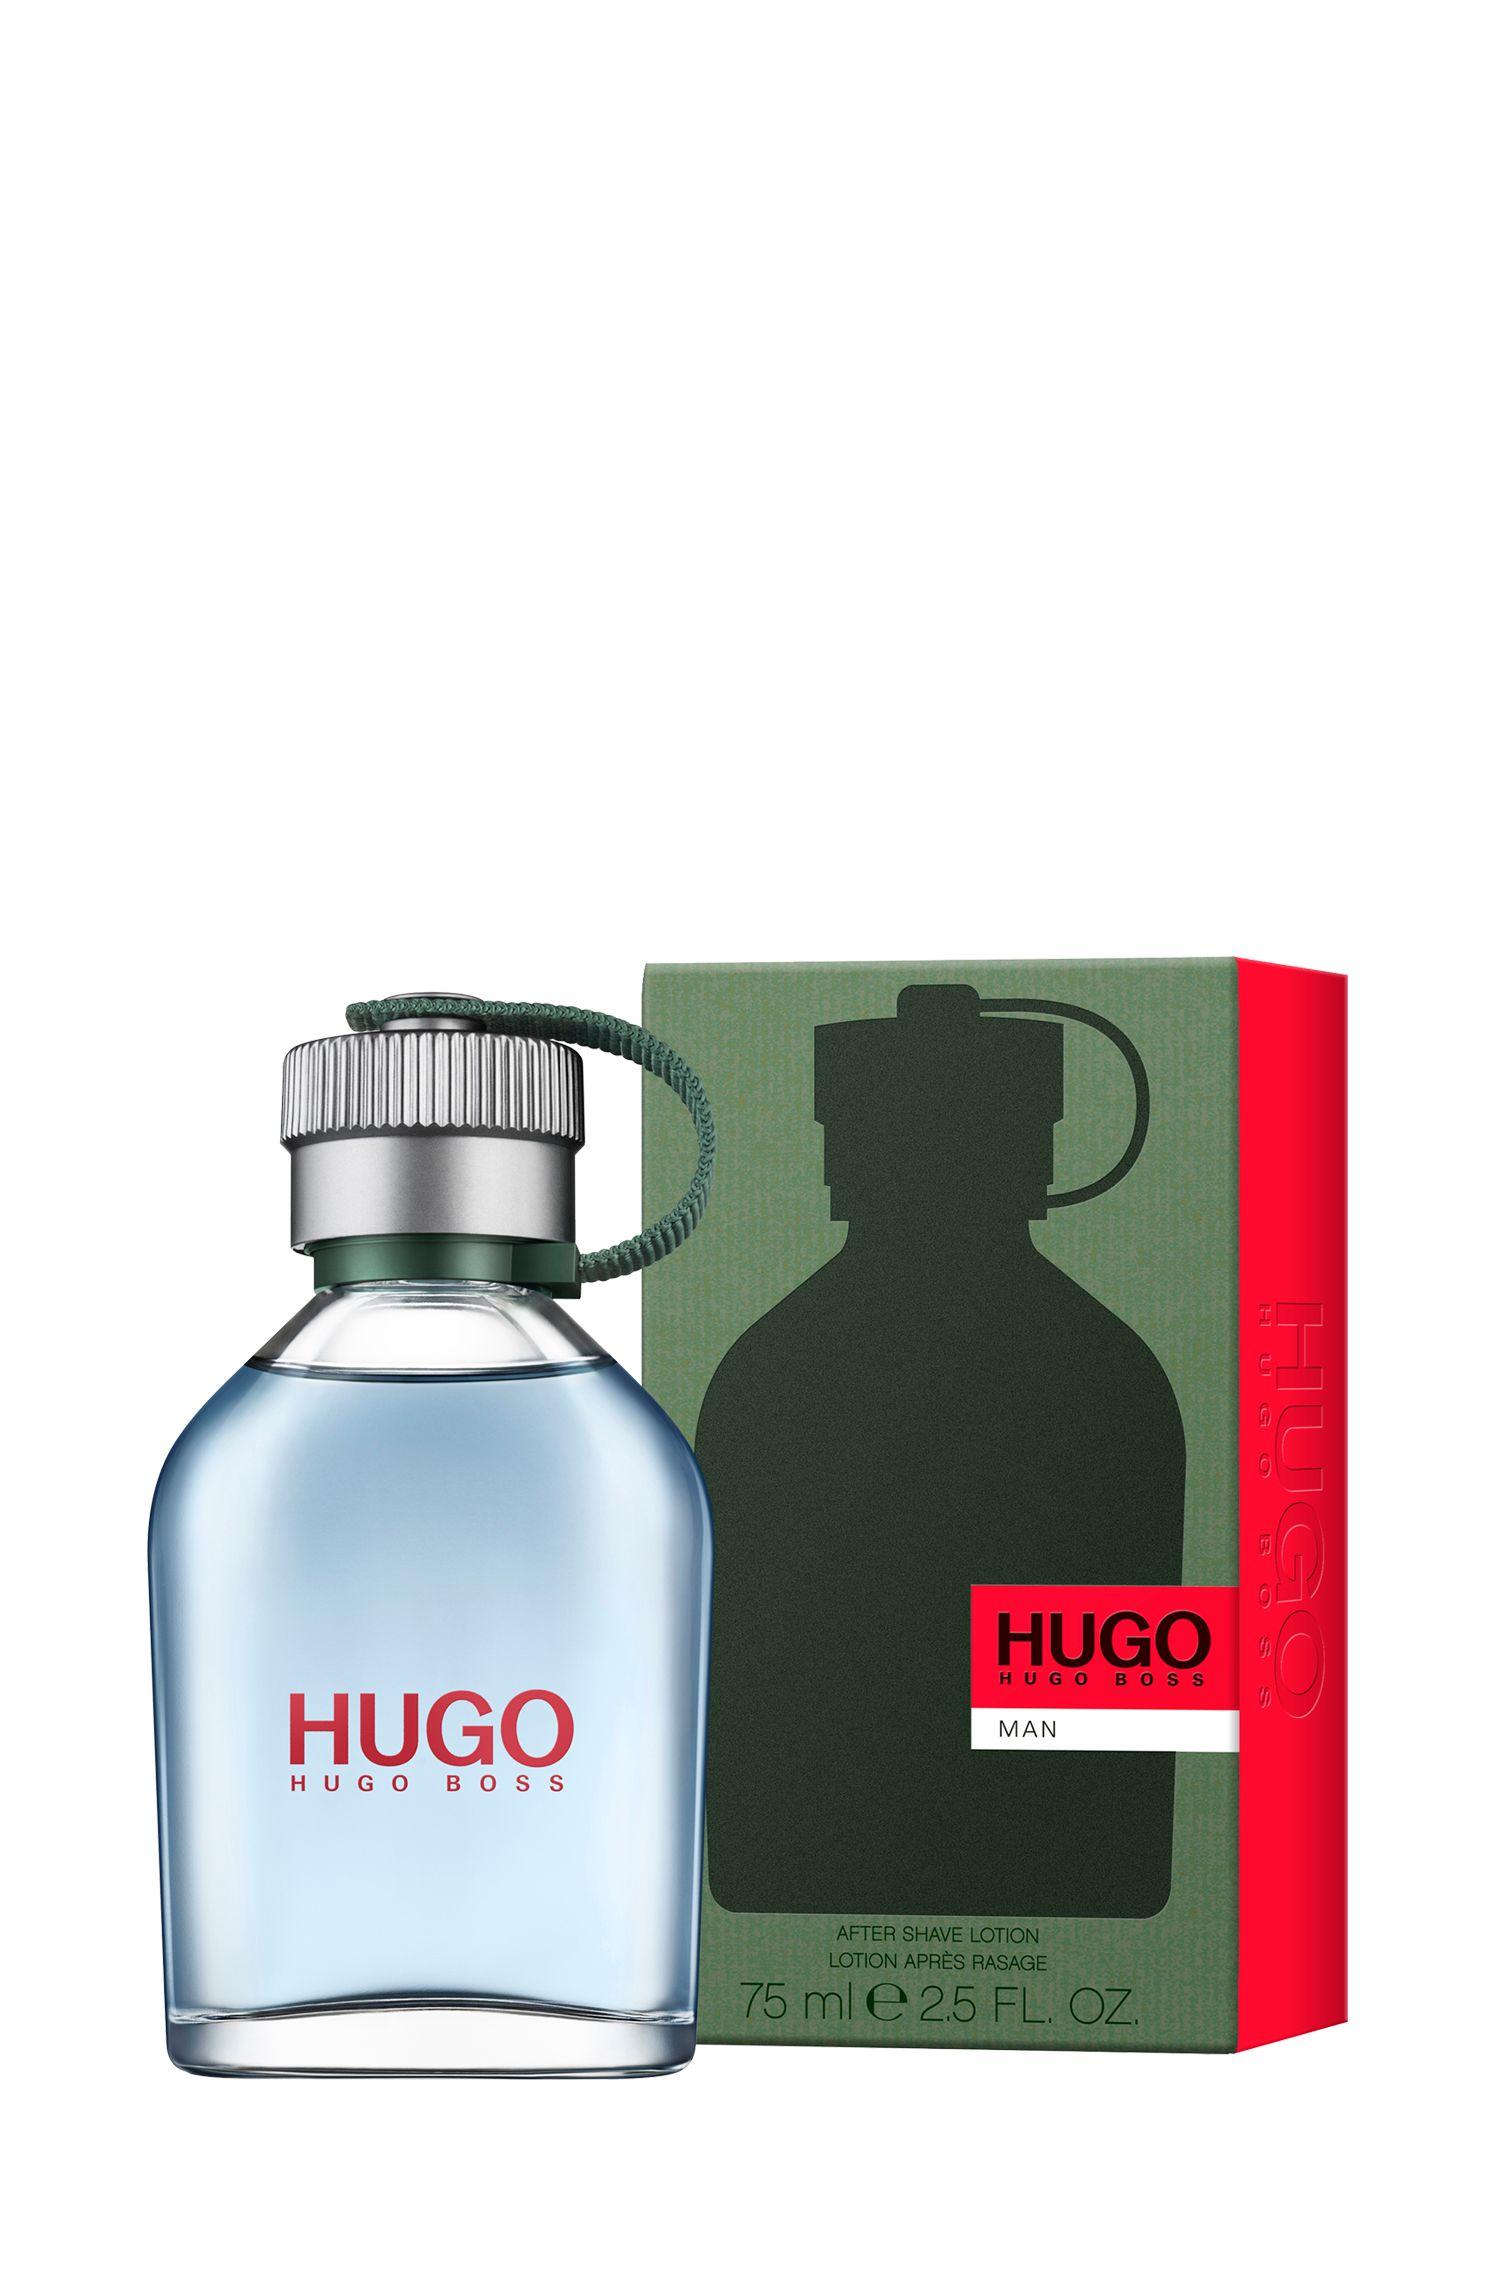 HUGO Man After Shave Lotion 75 ml